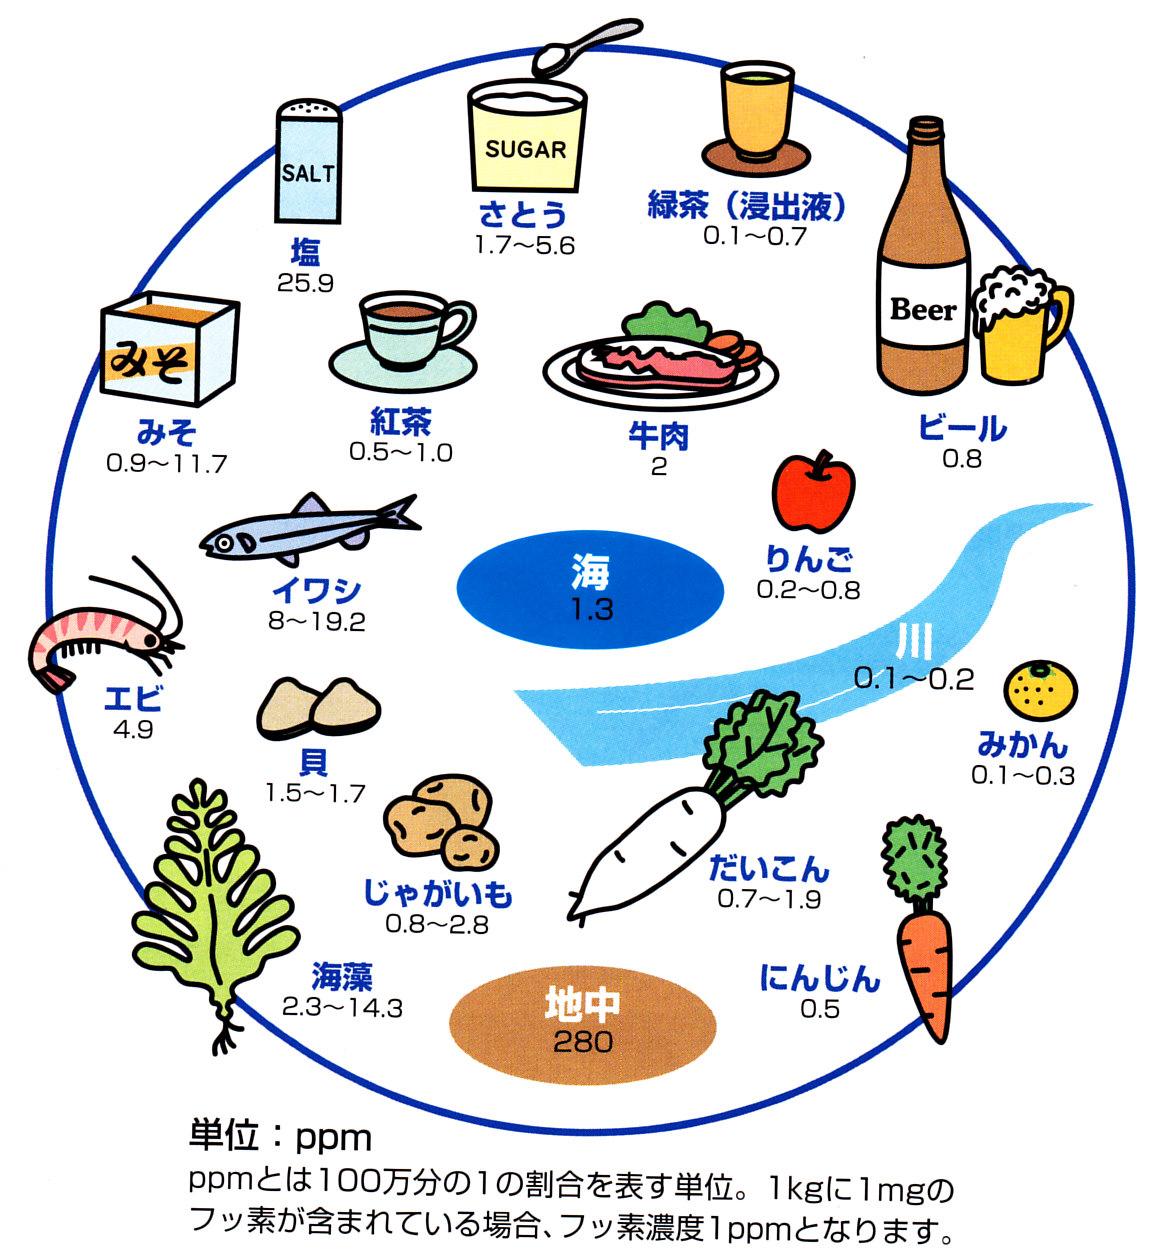 骨 を 強く する 食べ物 骨強化レシピ一覧 健康キッチン 使える料理レシピ集